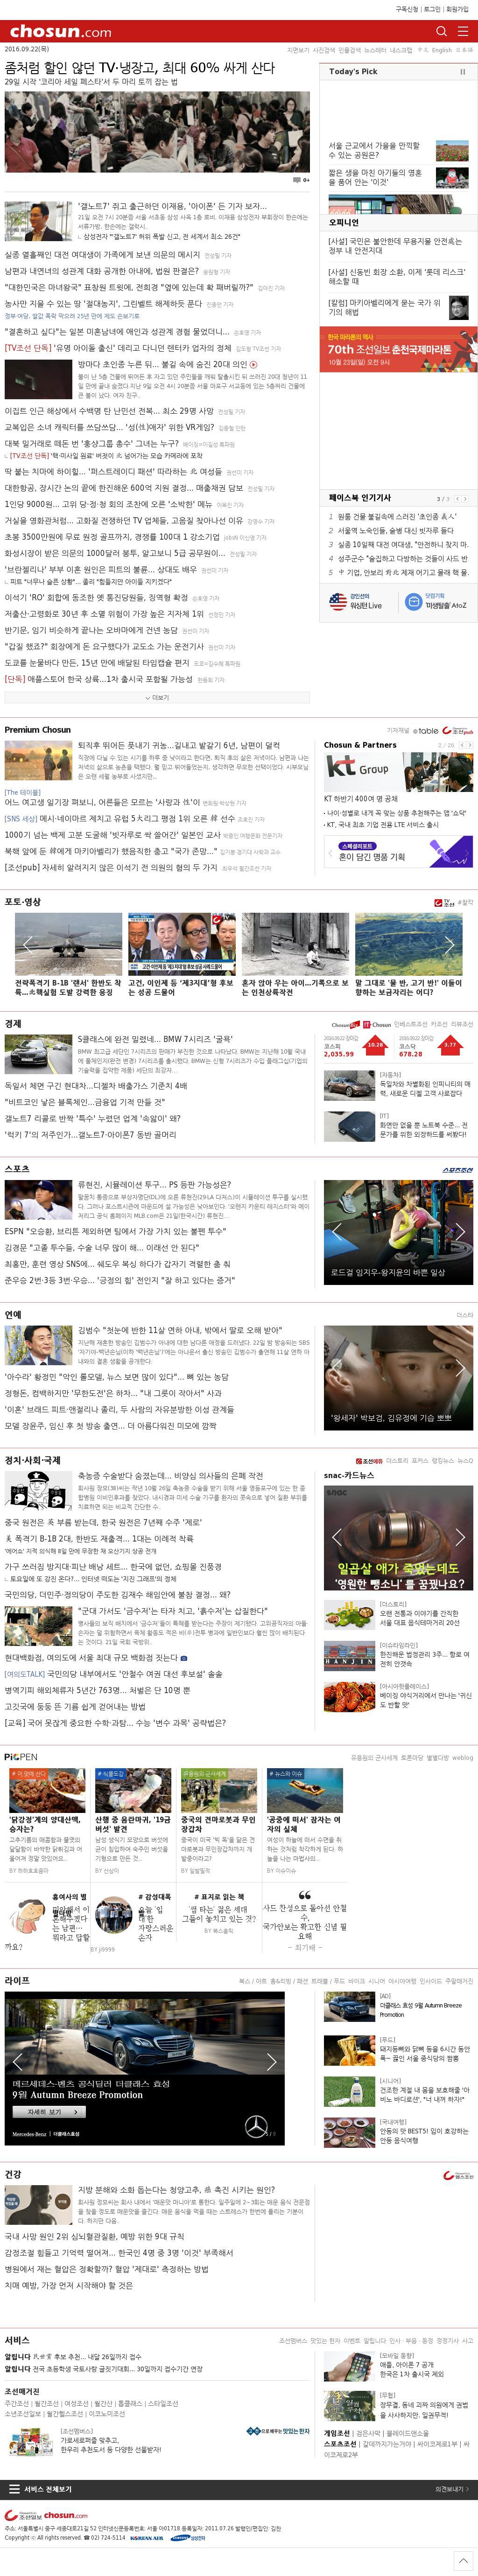 chosun.com at Wednesday Sept. 21, 2016, 4:01 p.m. UTC